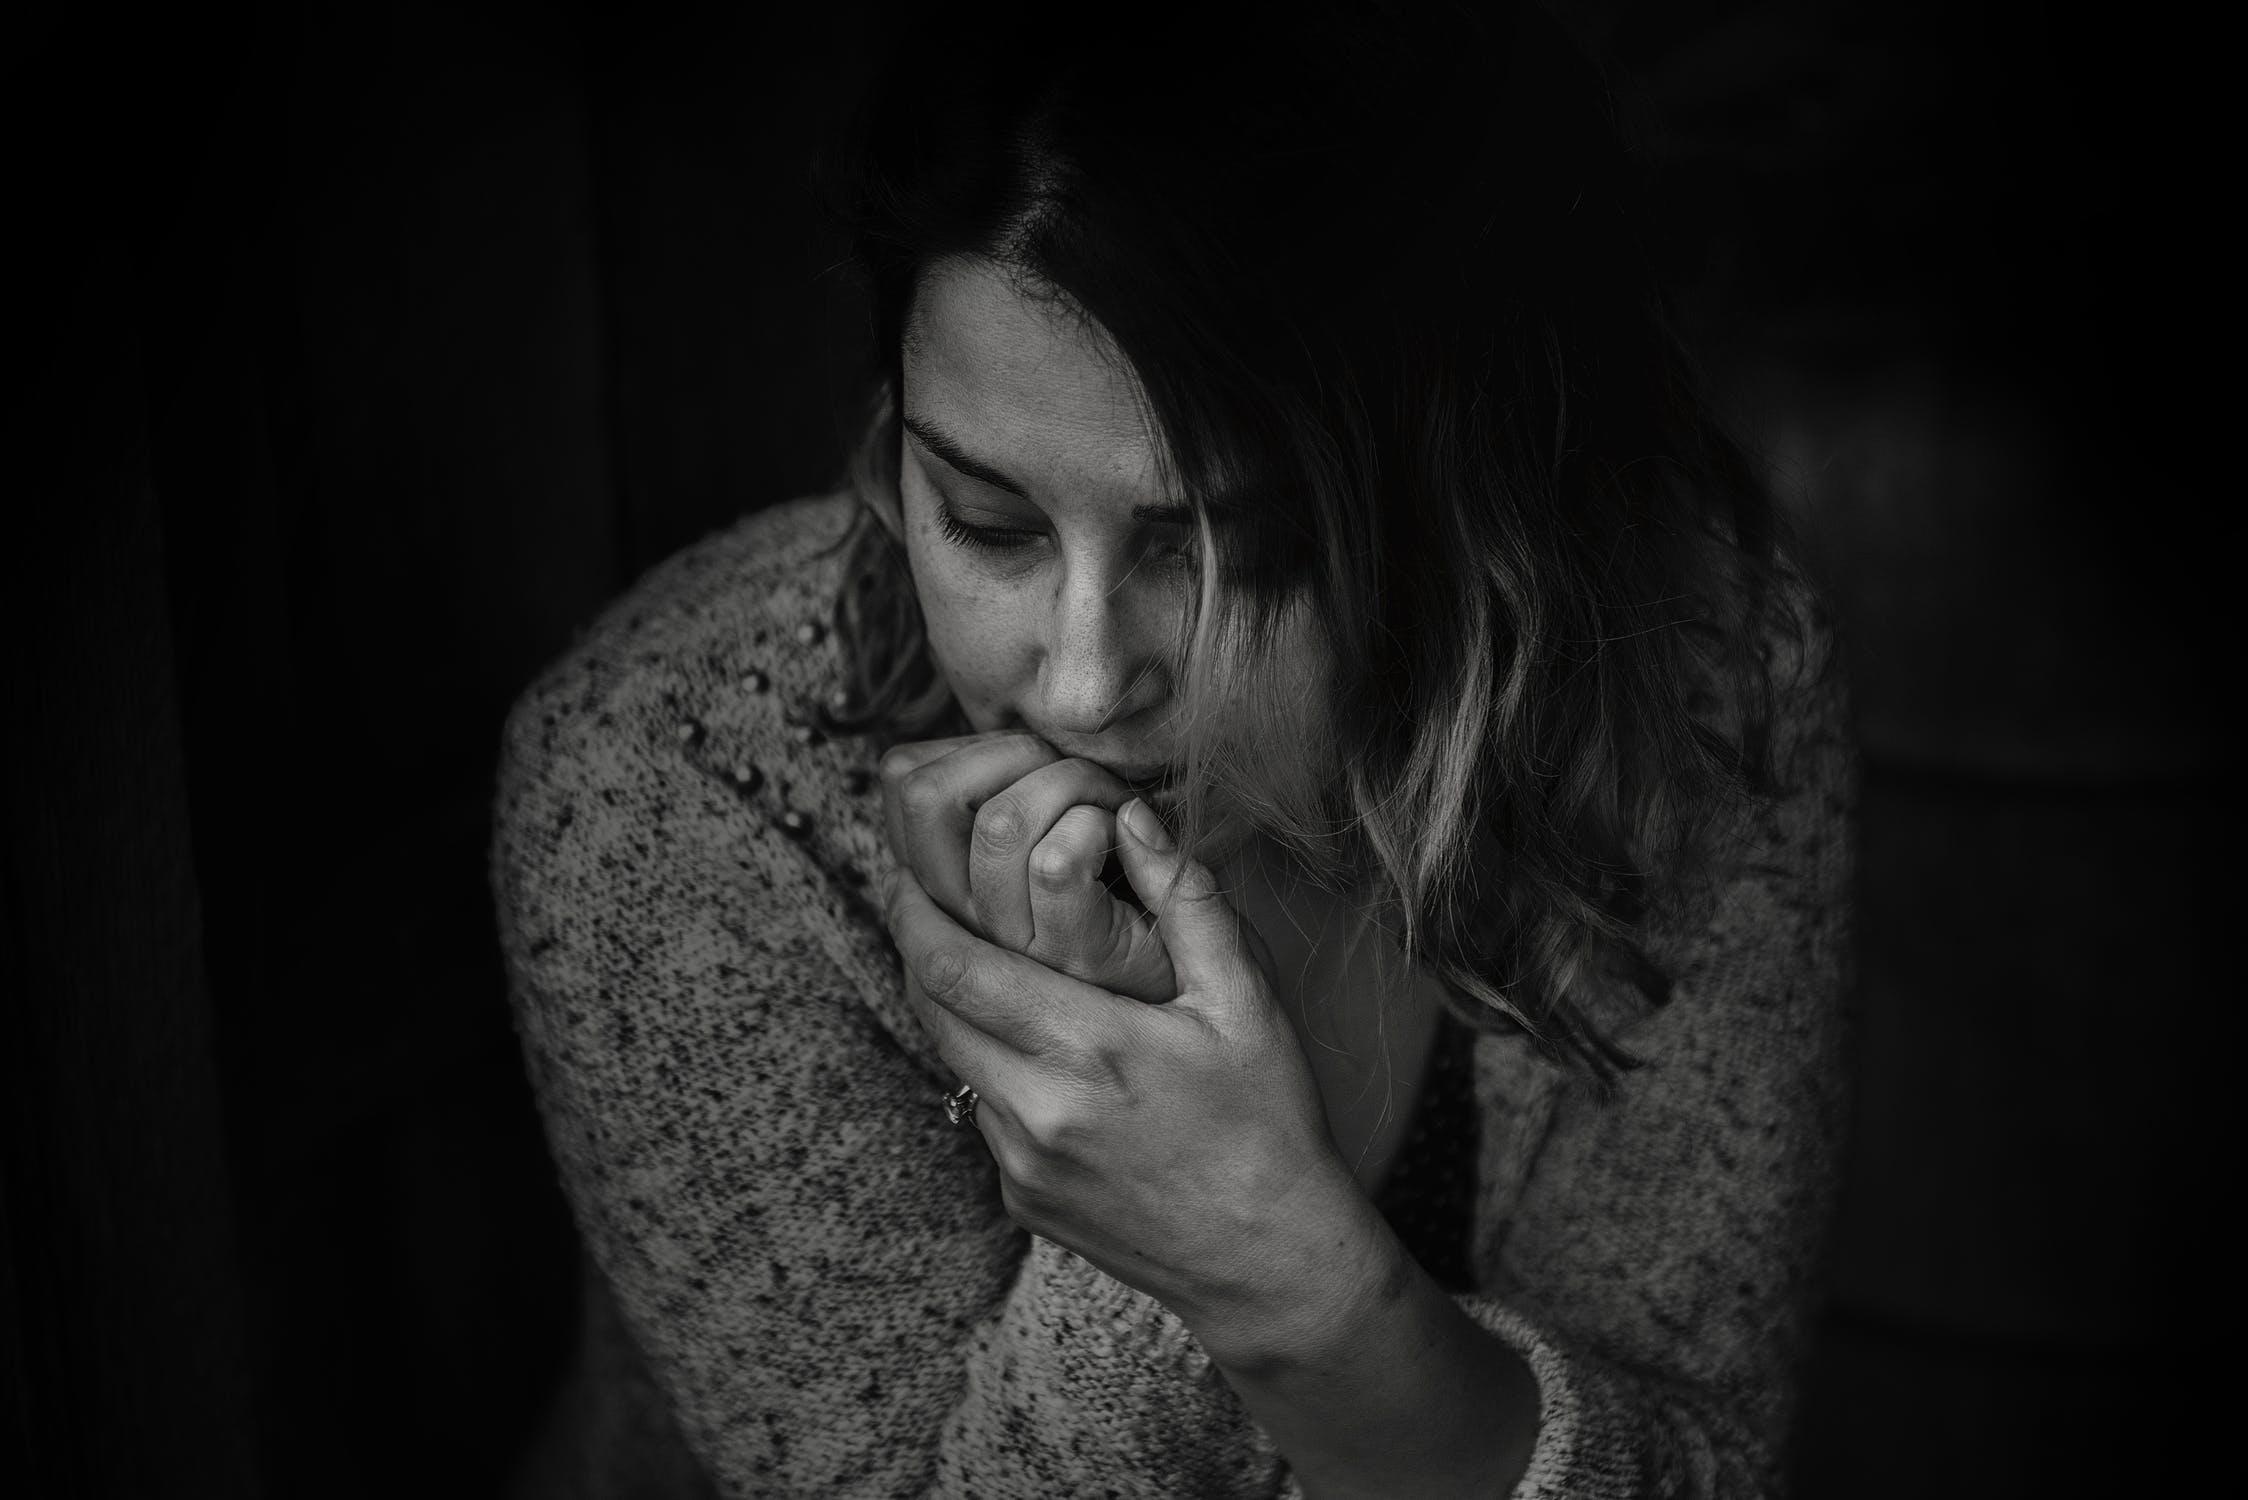 flerkulturel-anden-etnisk-invandrer-flygntinge-århus-psykoterapeut-vivi-hinrichs